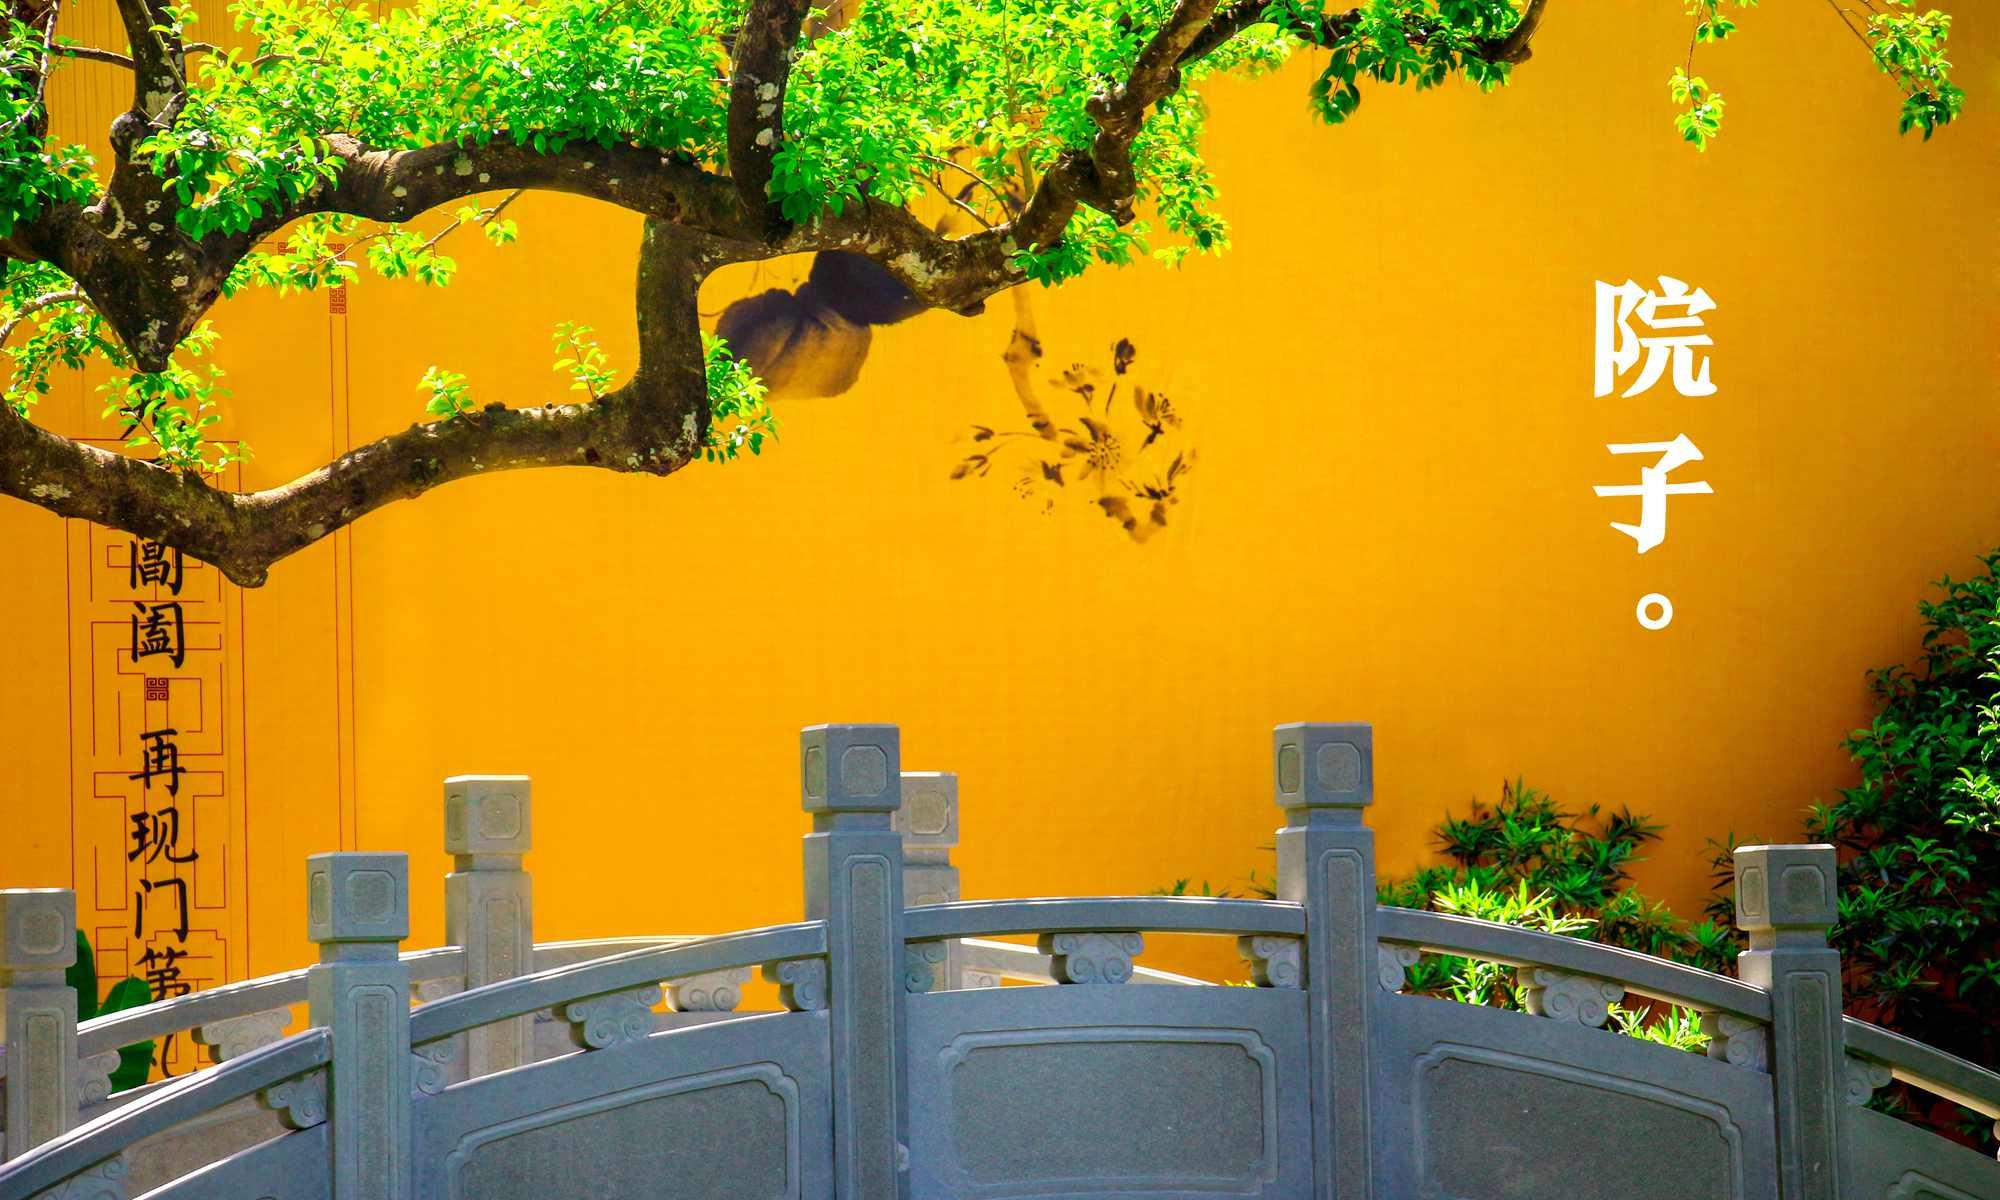 图/文 彭宇;制作:房掌柜采编中心;取景地:泰禾中国院子(北京)、泰禾西府大院(北京)、泰禾金府大院(福州)